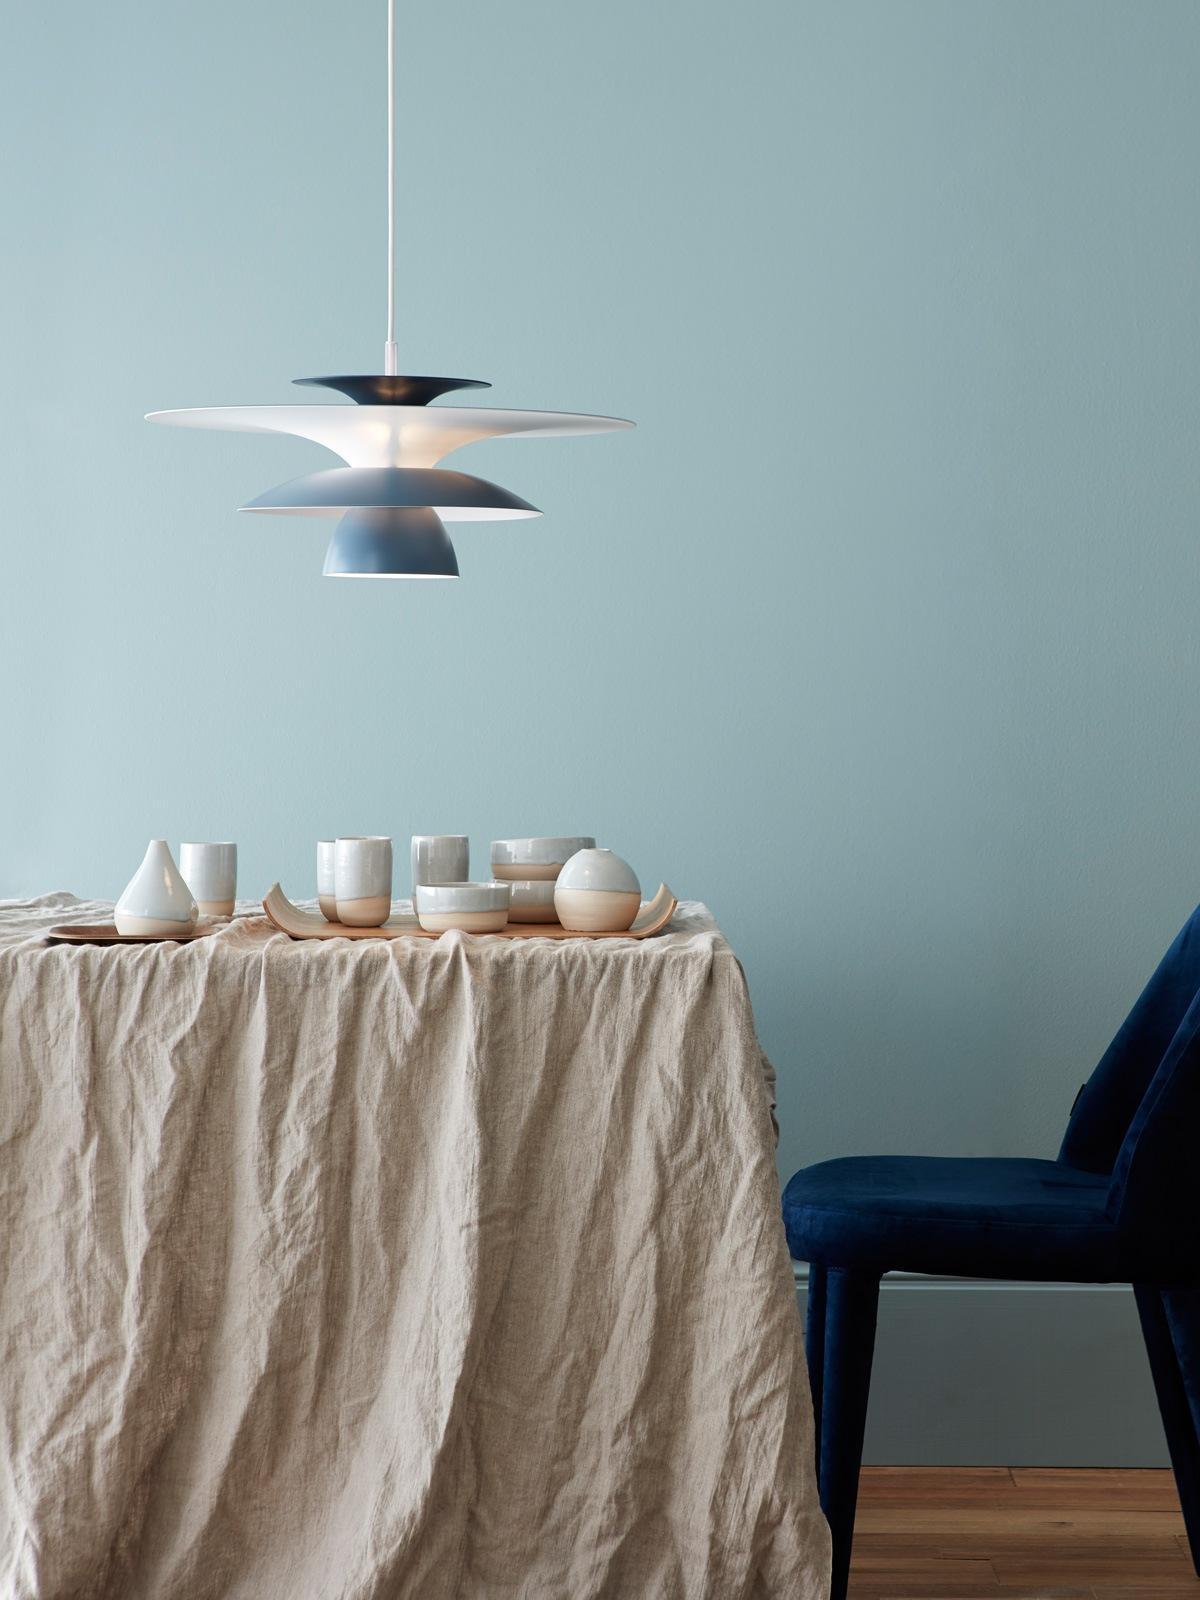 Belid Picasso Pendelleuchte DesignOrt Lampen Berlin Onlineshop Designerleuchten